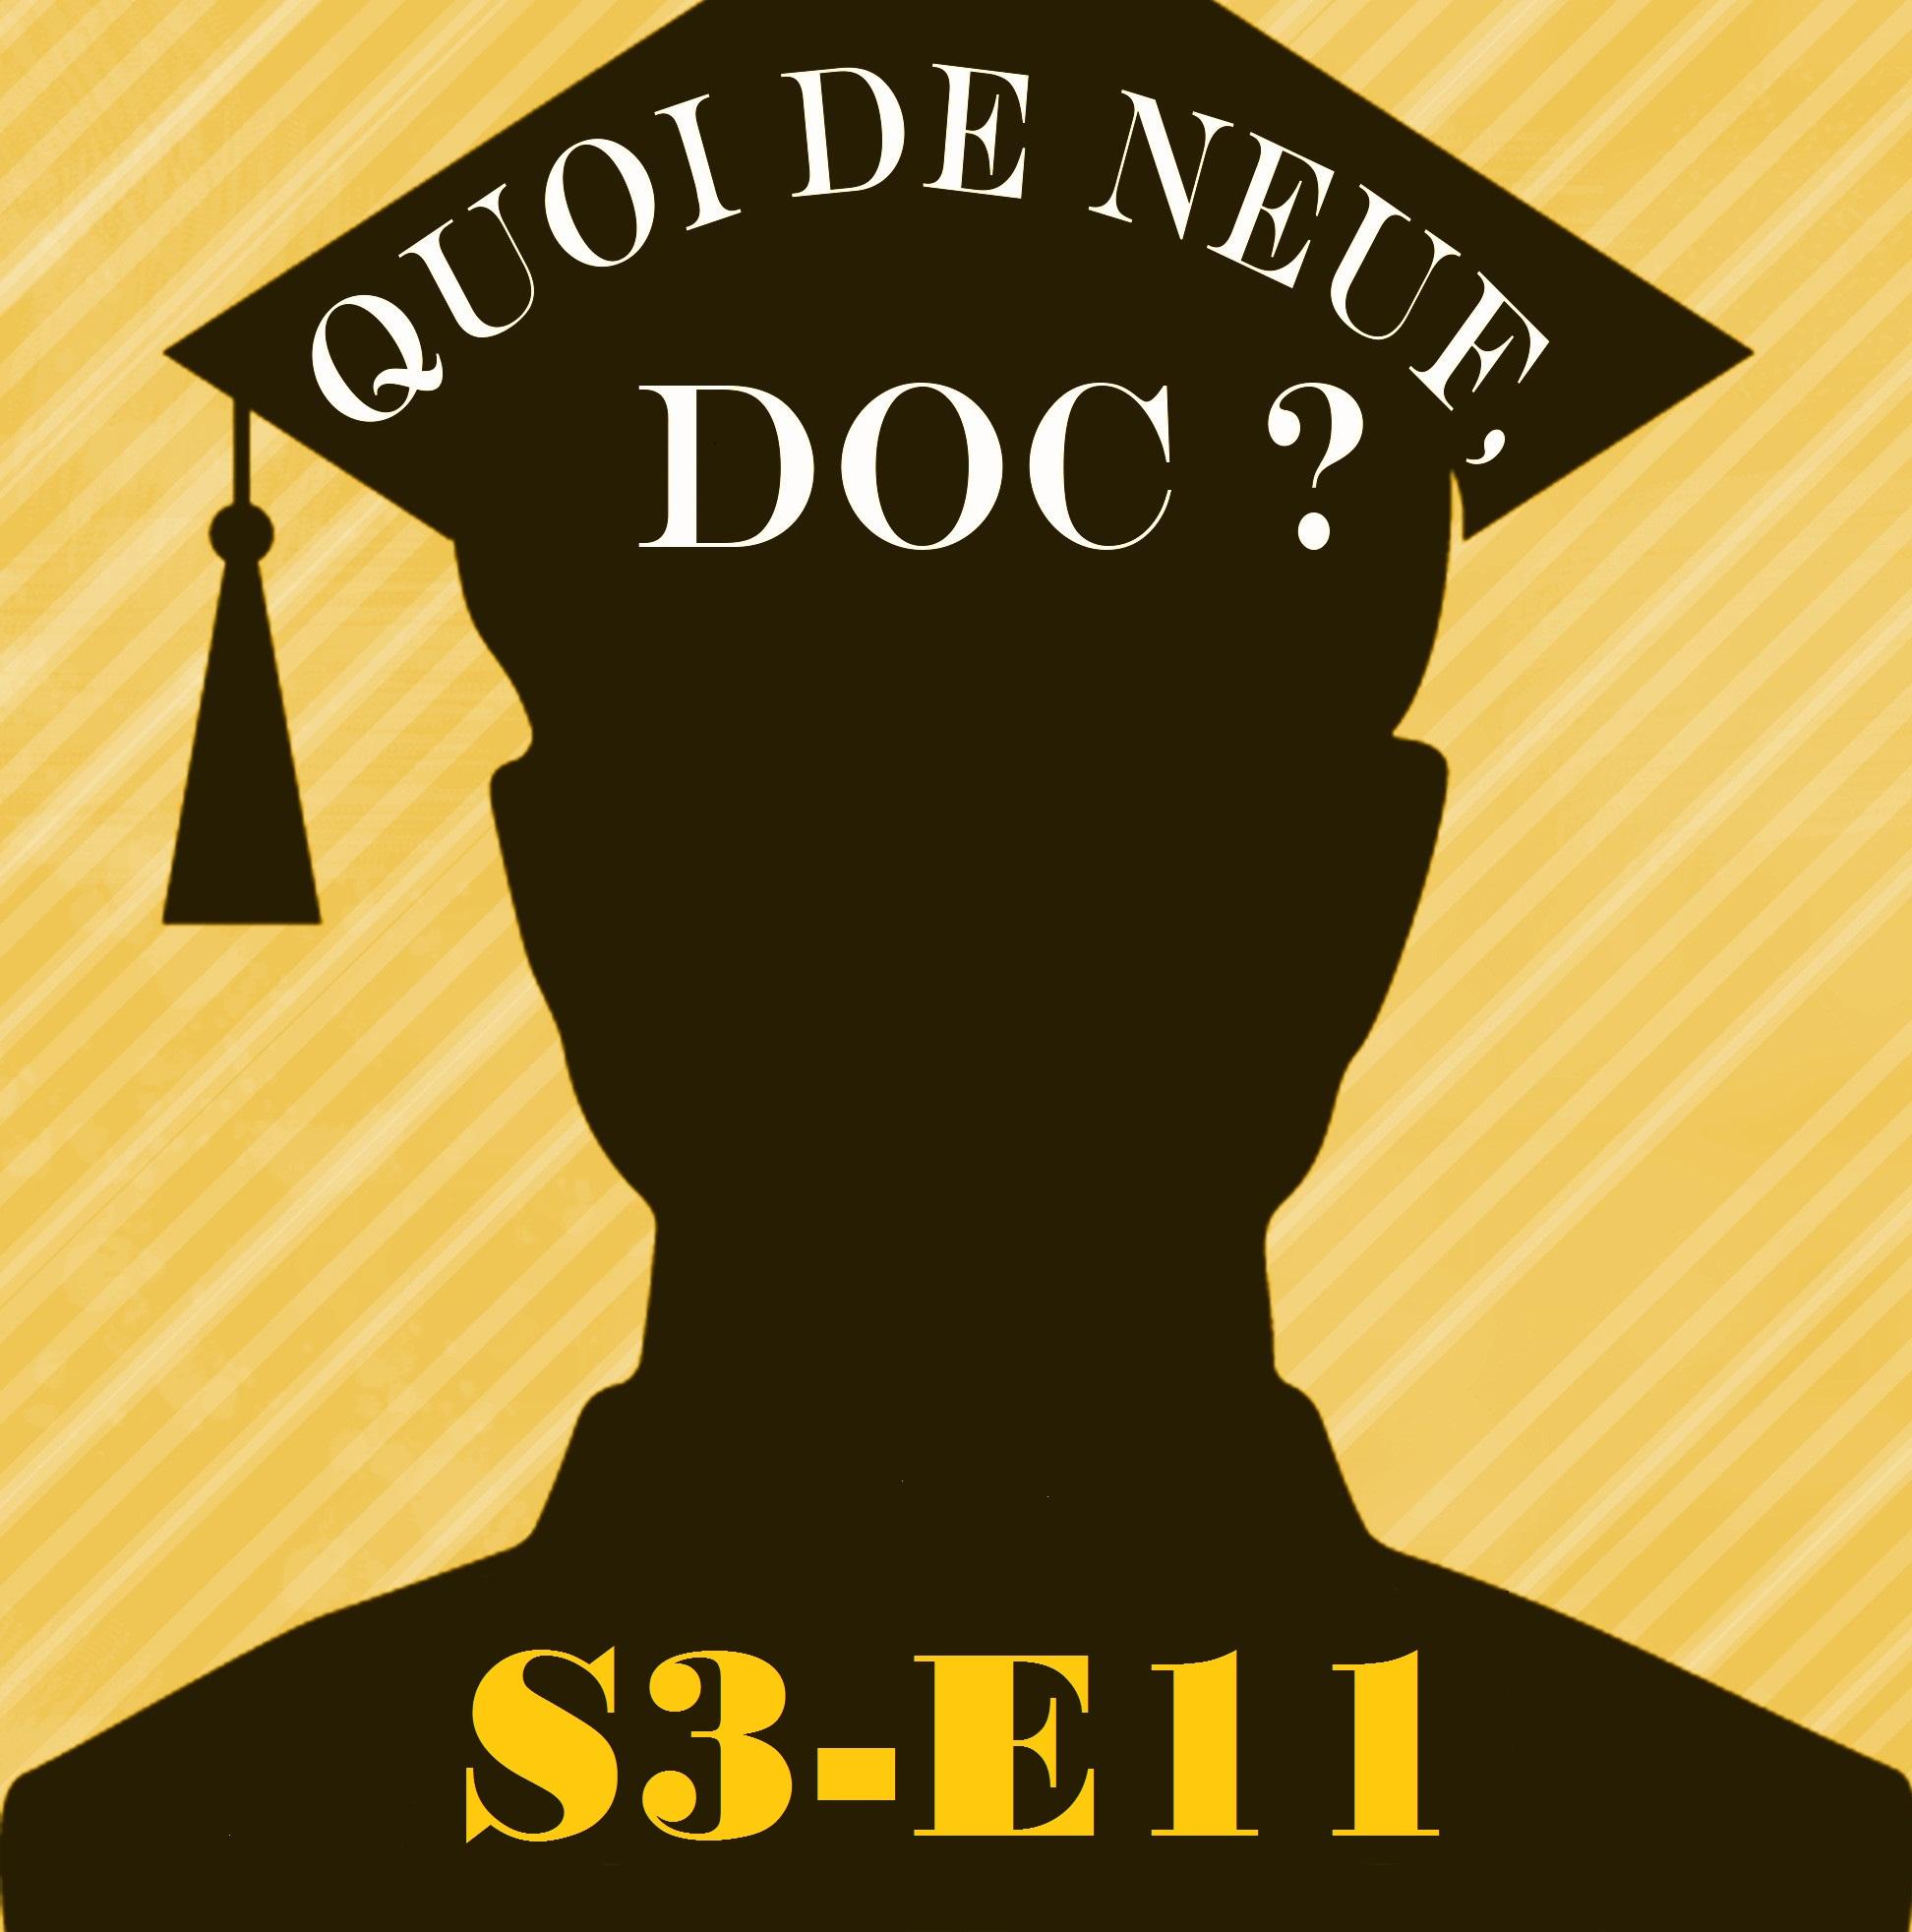 QDND_S3E11